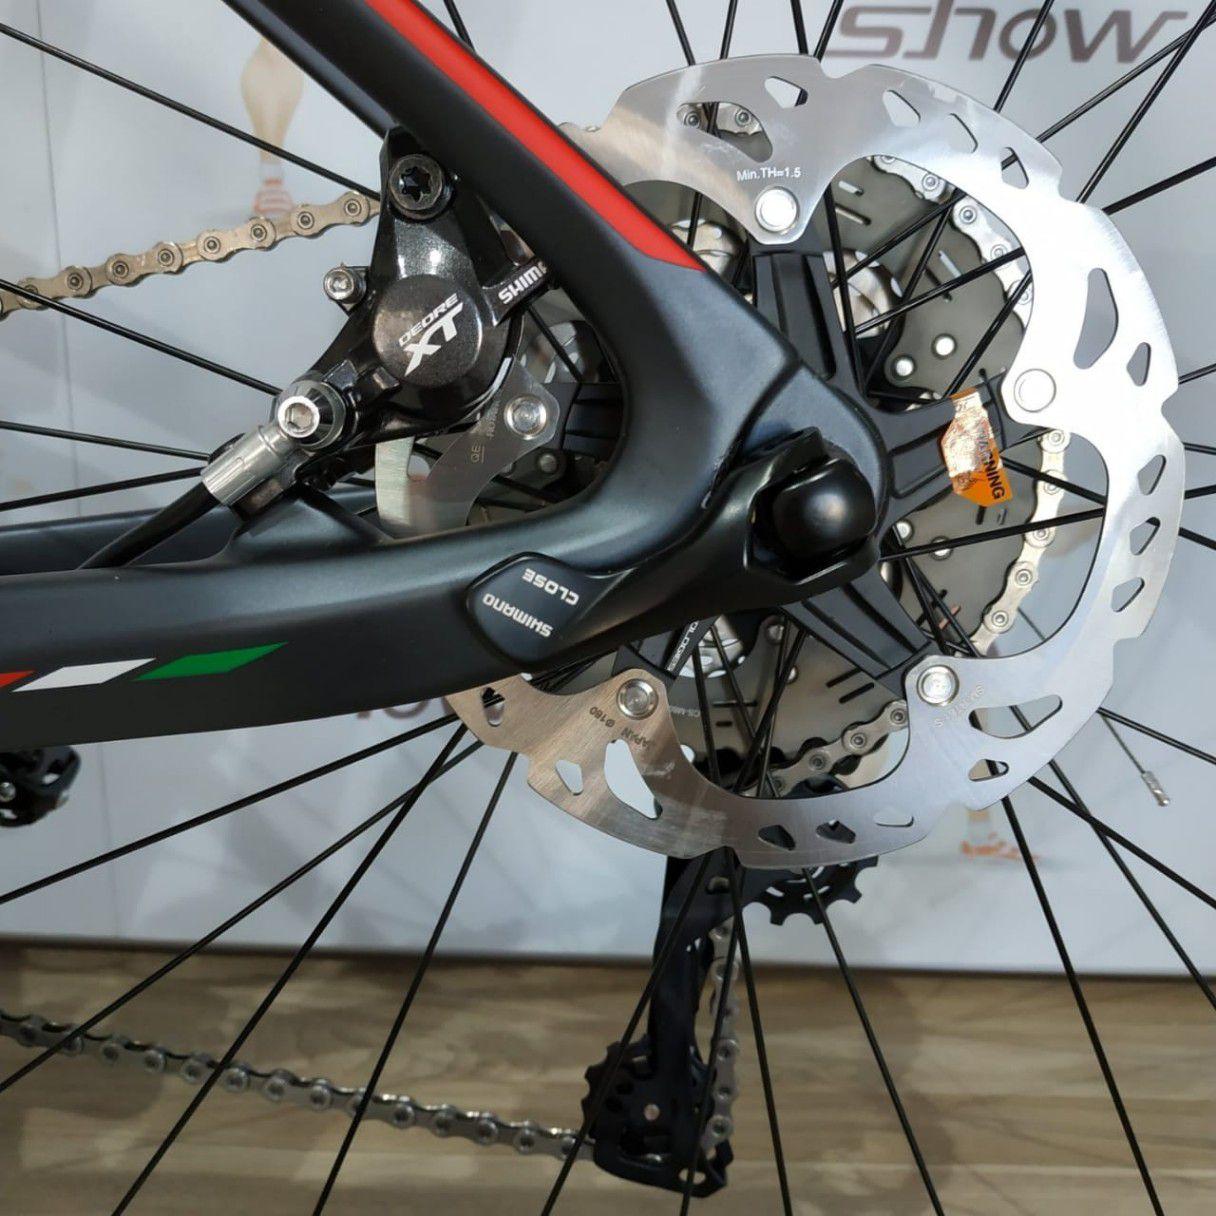 Bicicleta OGGI Agile Pro Carbon aro 29 2019 - 22V Shimano XT - Suspensão Rock Shox Sid WC - Grafite/Vermelho + BRINDES